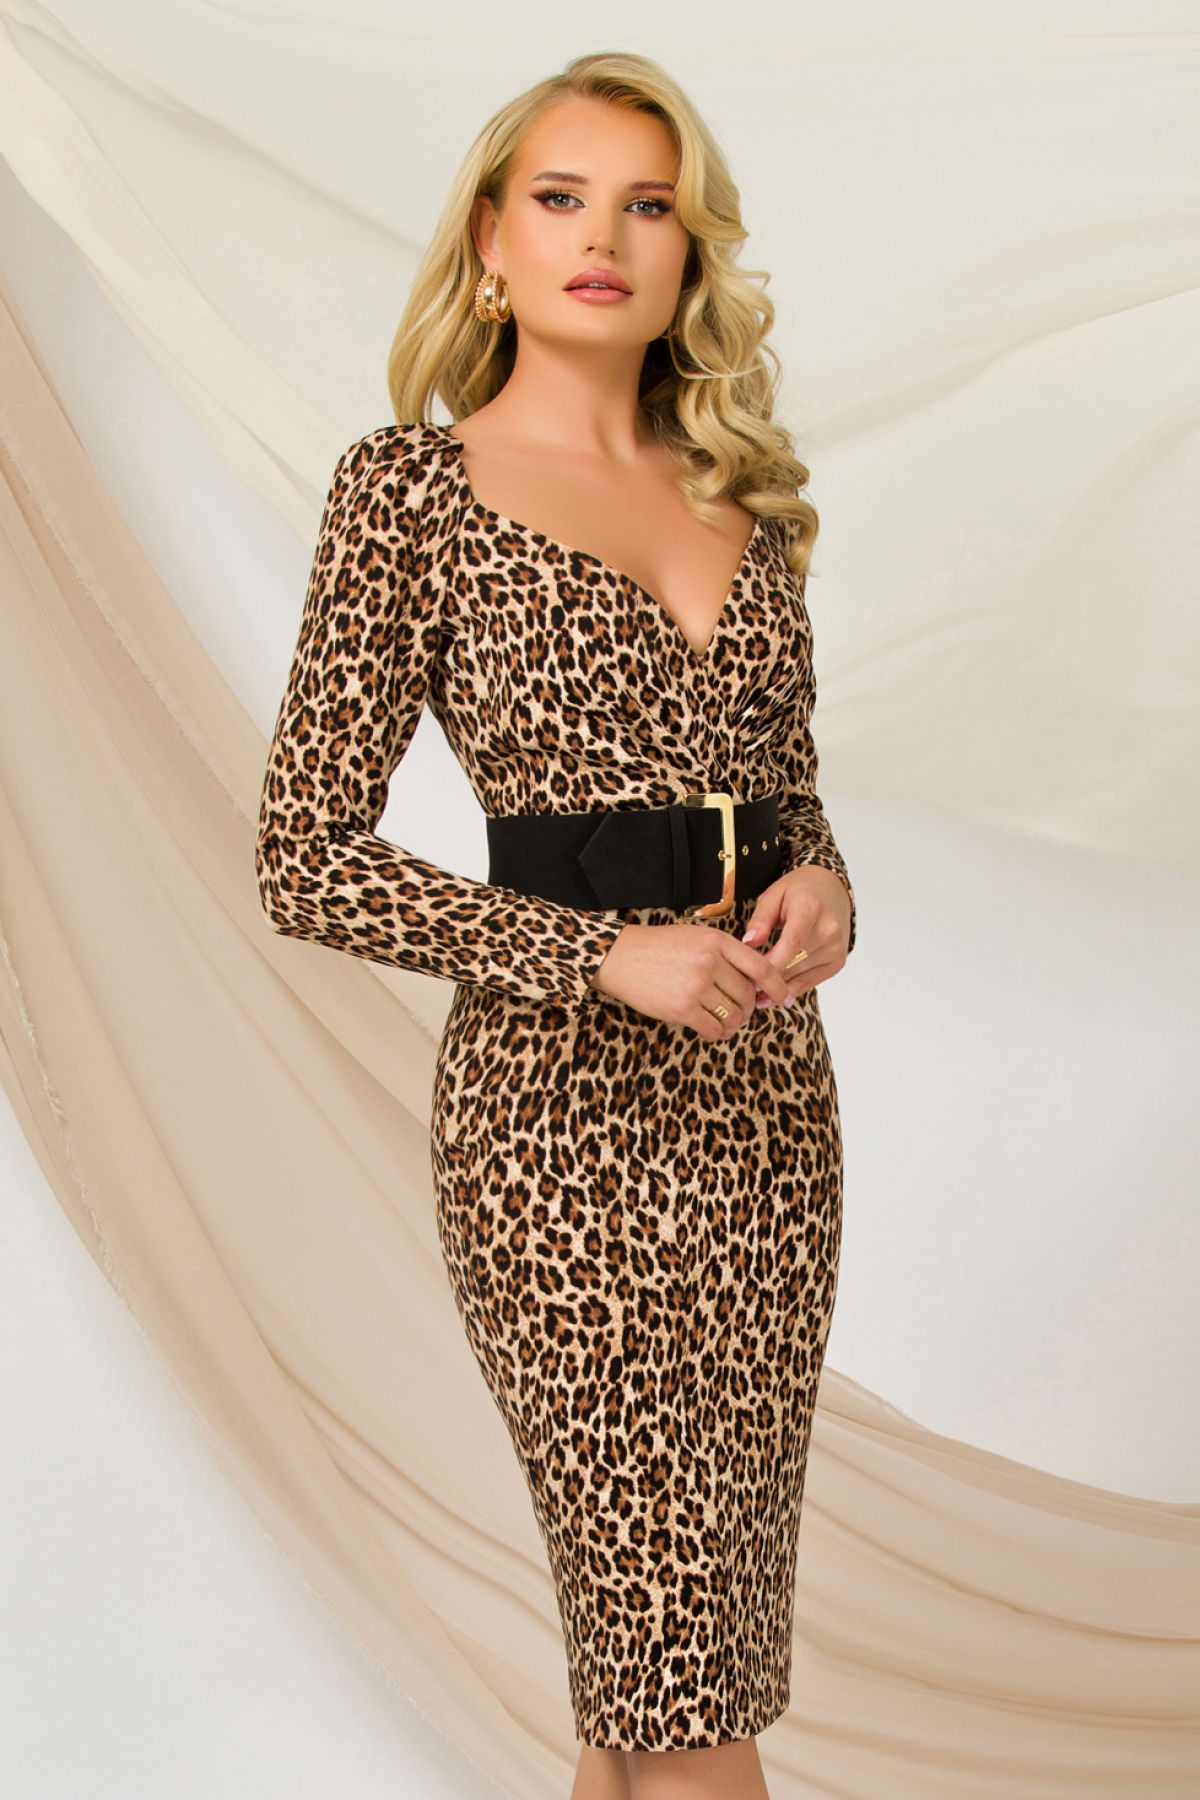 Rochie tip creion Pretty Girl de birou cu decolteu tip inima si print leopard